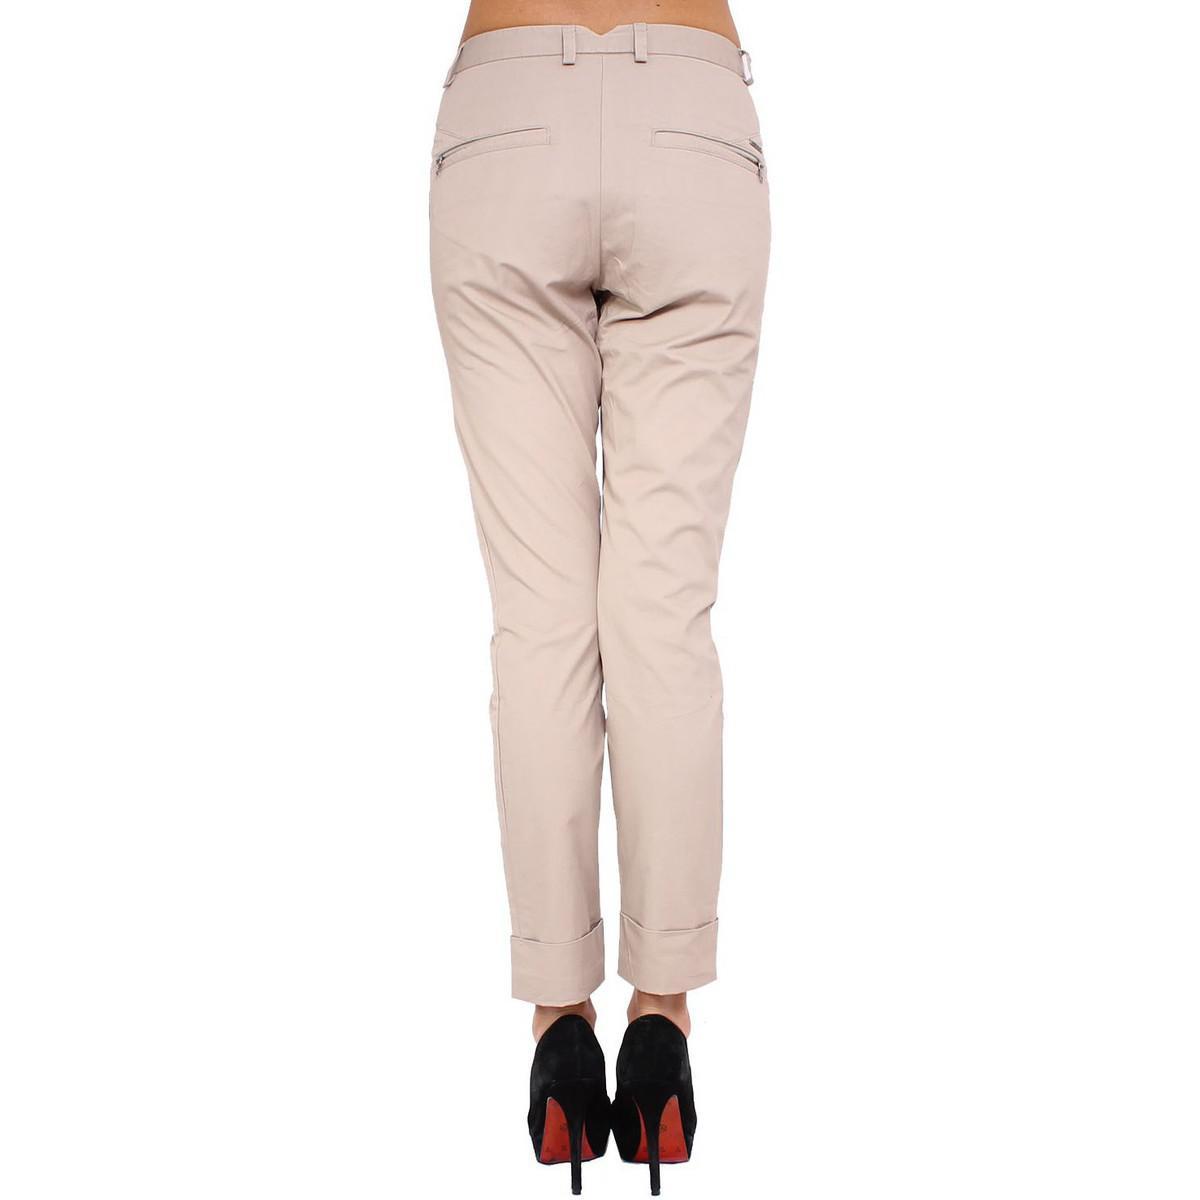 6fd12d22 DIESEL - Natural - Women's Trousers Pungyo Women's Trousers In Beige -  Lyst. View fullscreen